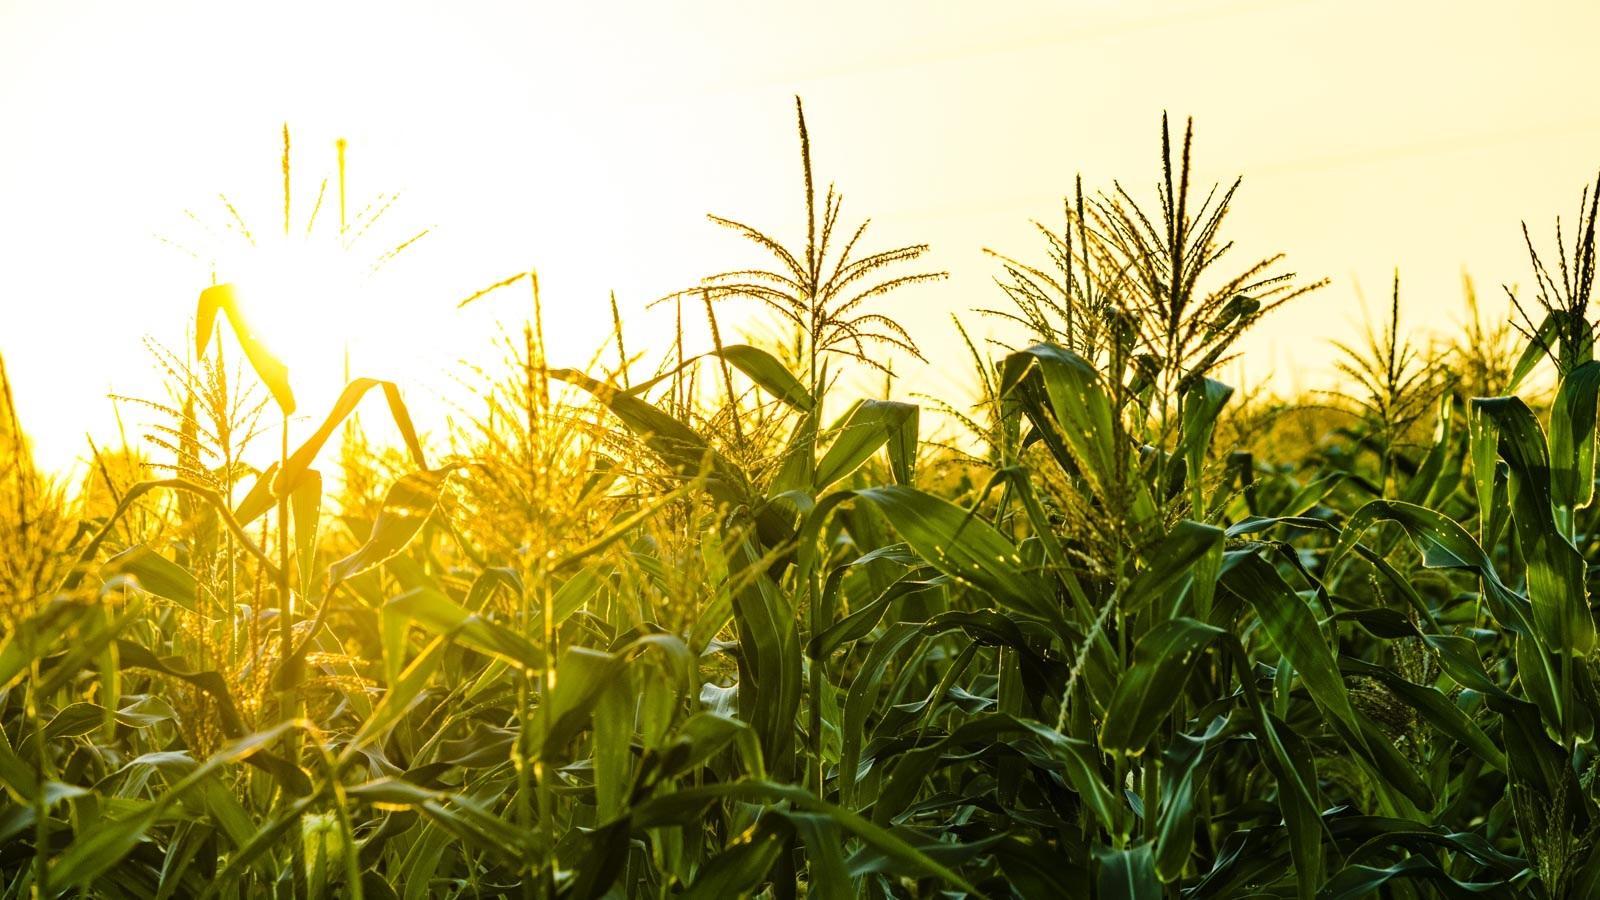 Corn field. (Image by Shutterstock/TB studio.)